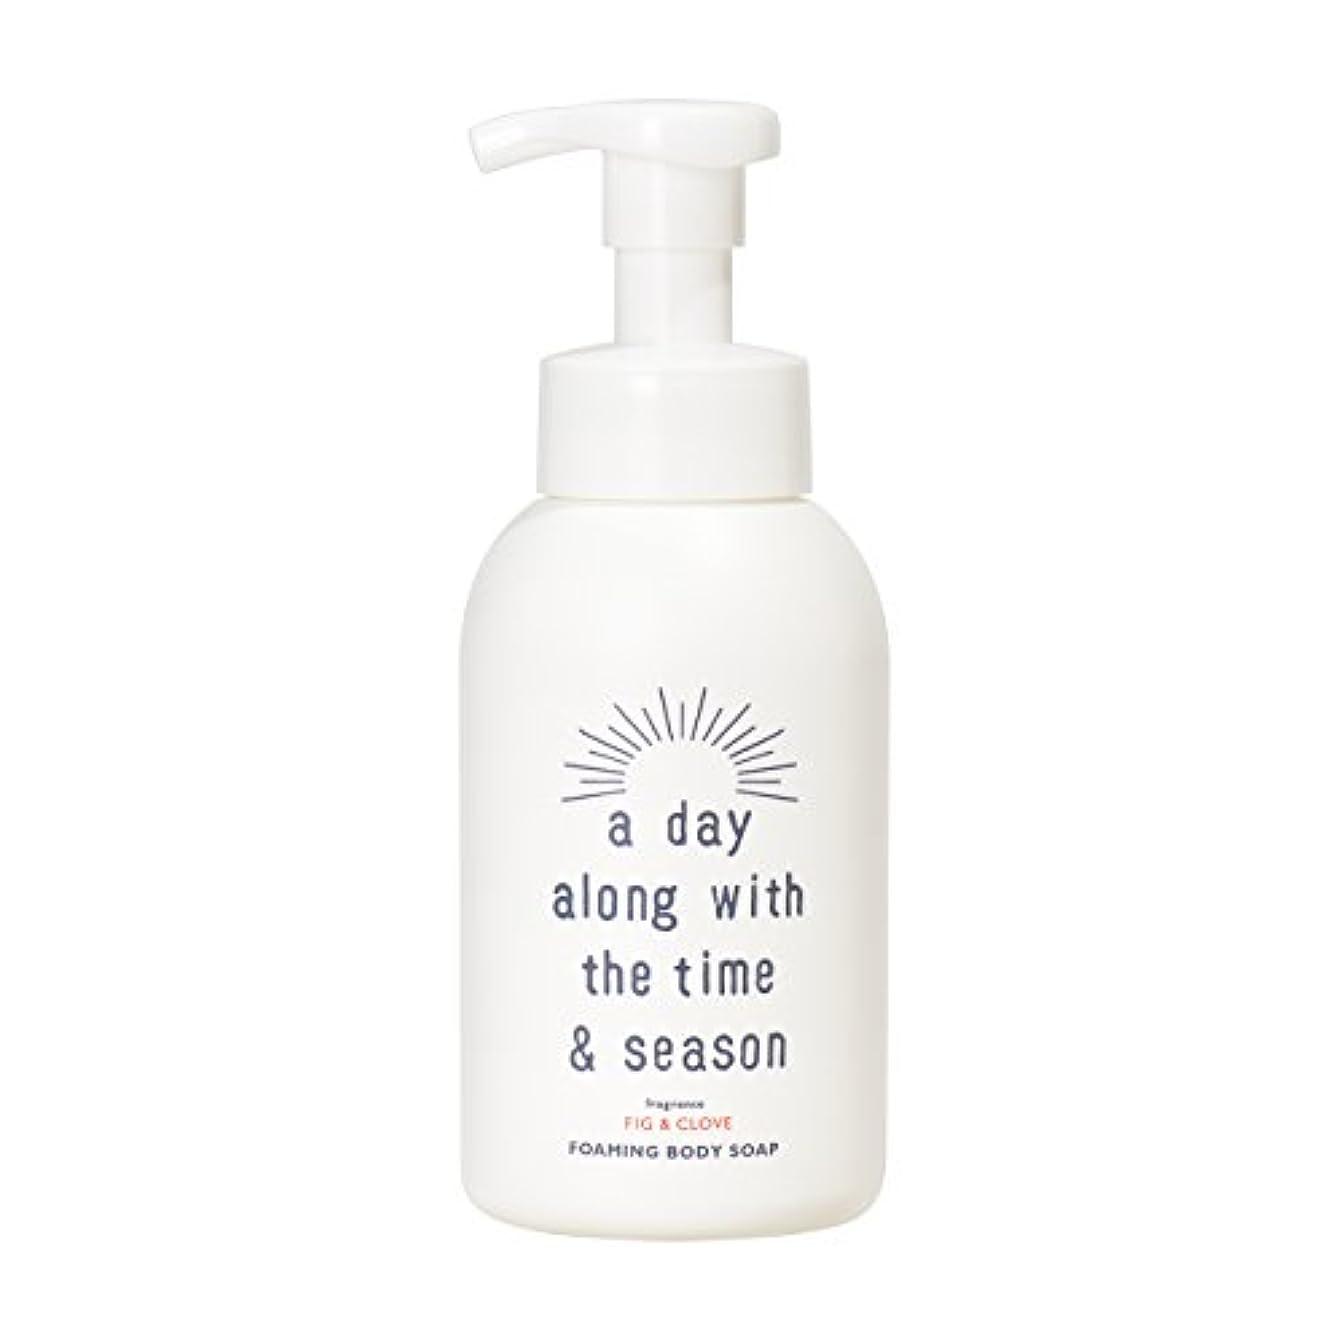 編集する砂面積アデイ(a day) フォーミングボディーソープ フィグ&クローブ 360ml(泡タイプ全身用洗浄料 低刺激弱酸性 天然由来成分97%以上  個性的でフルーティーなフィグにオリエンタルなクローブを組み合わせた香り)